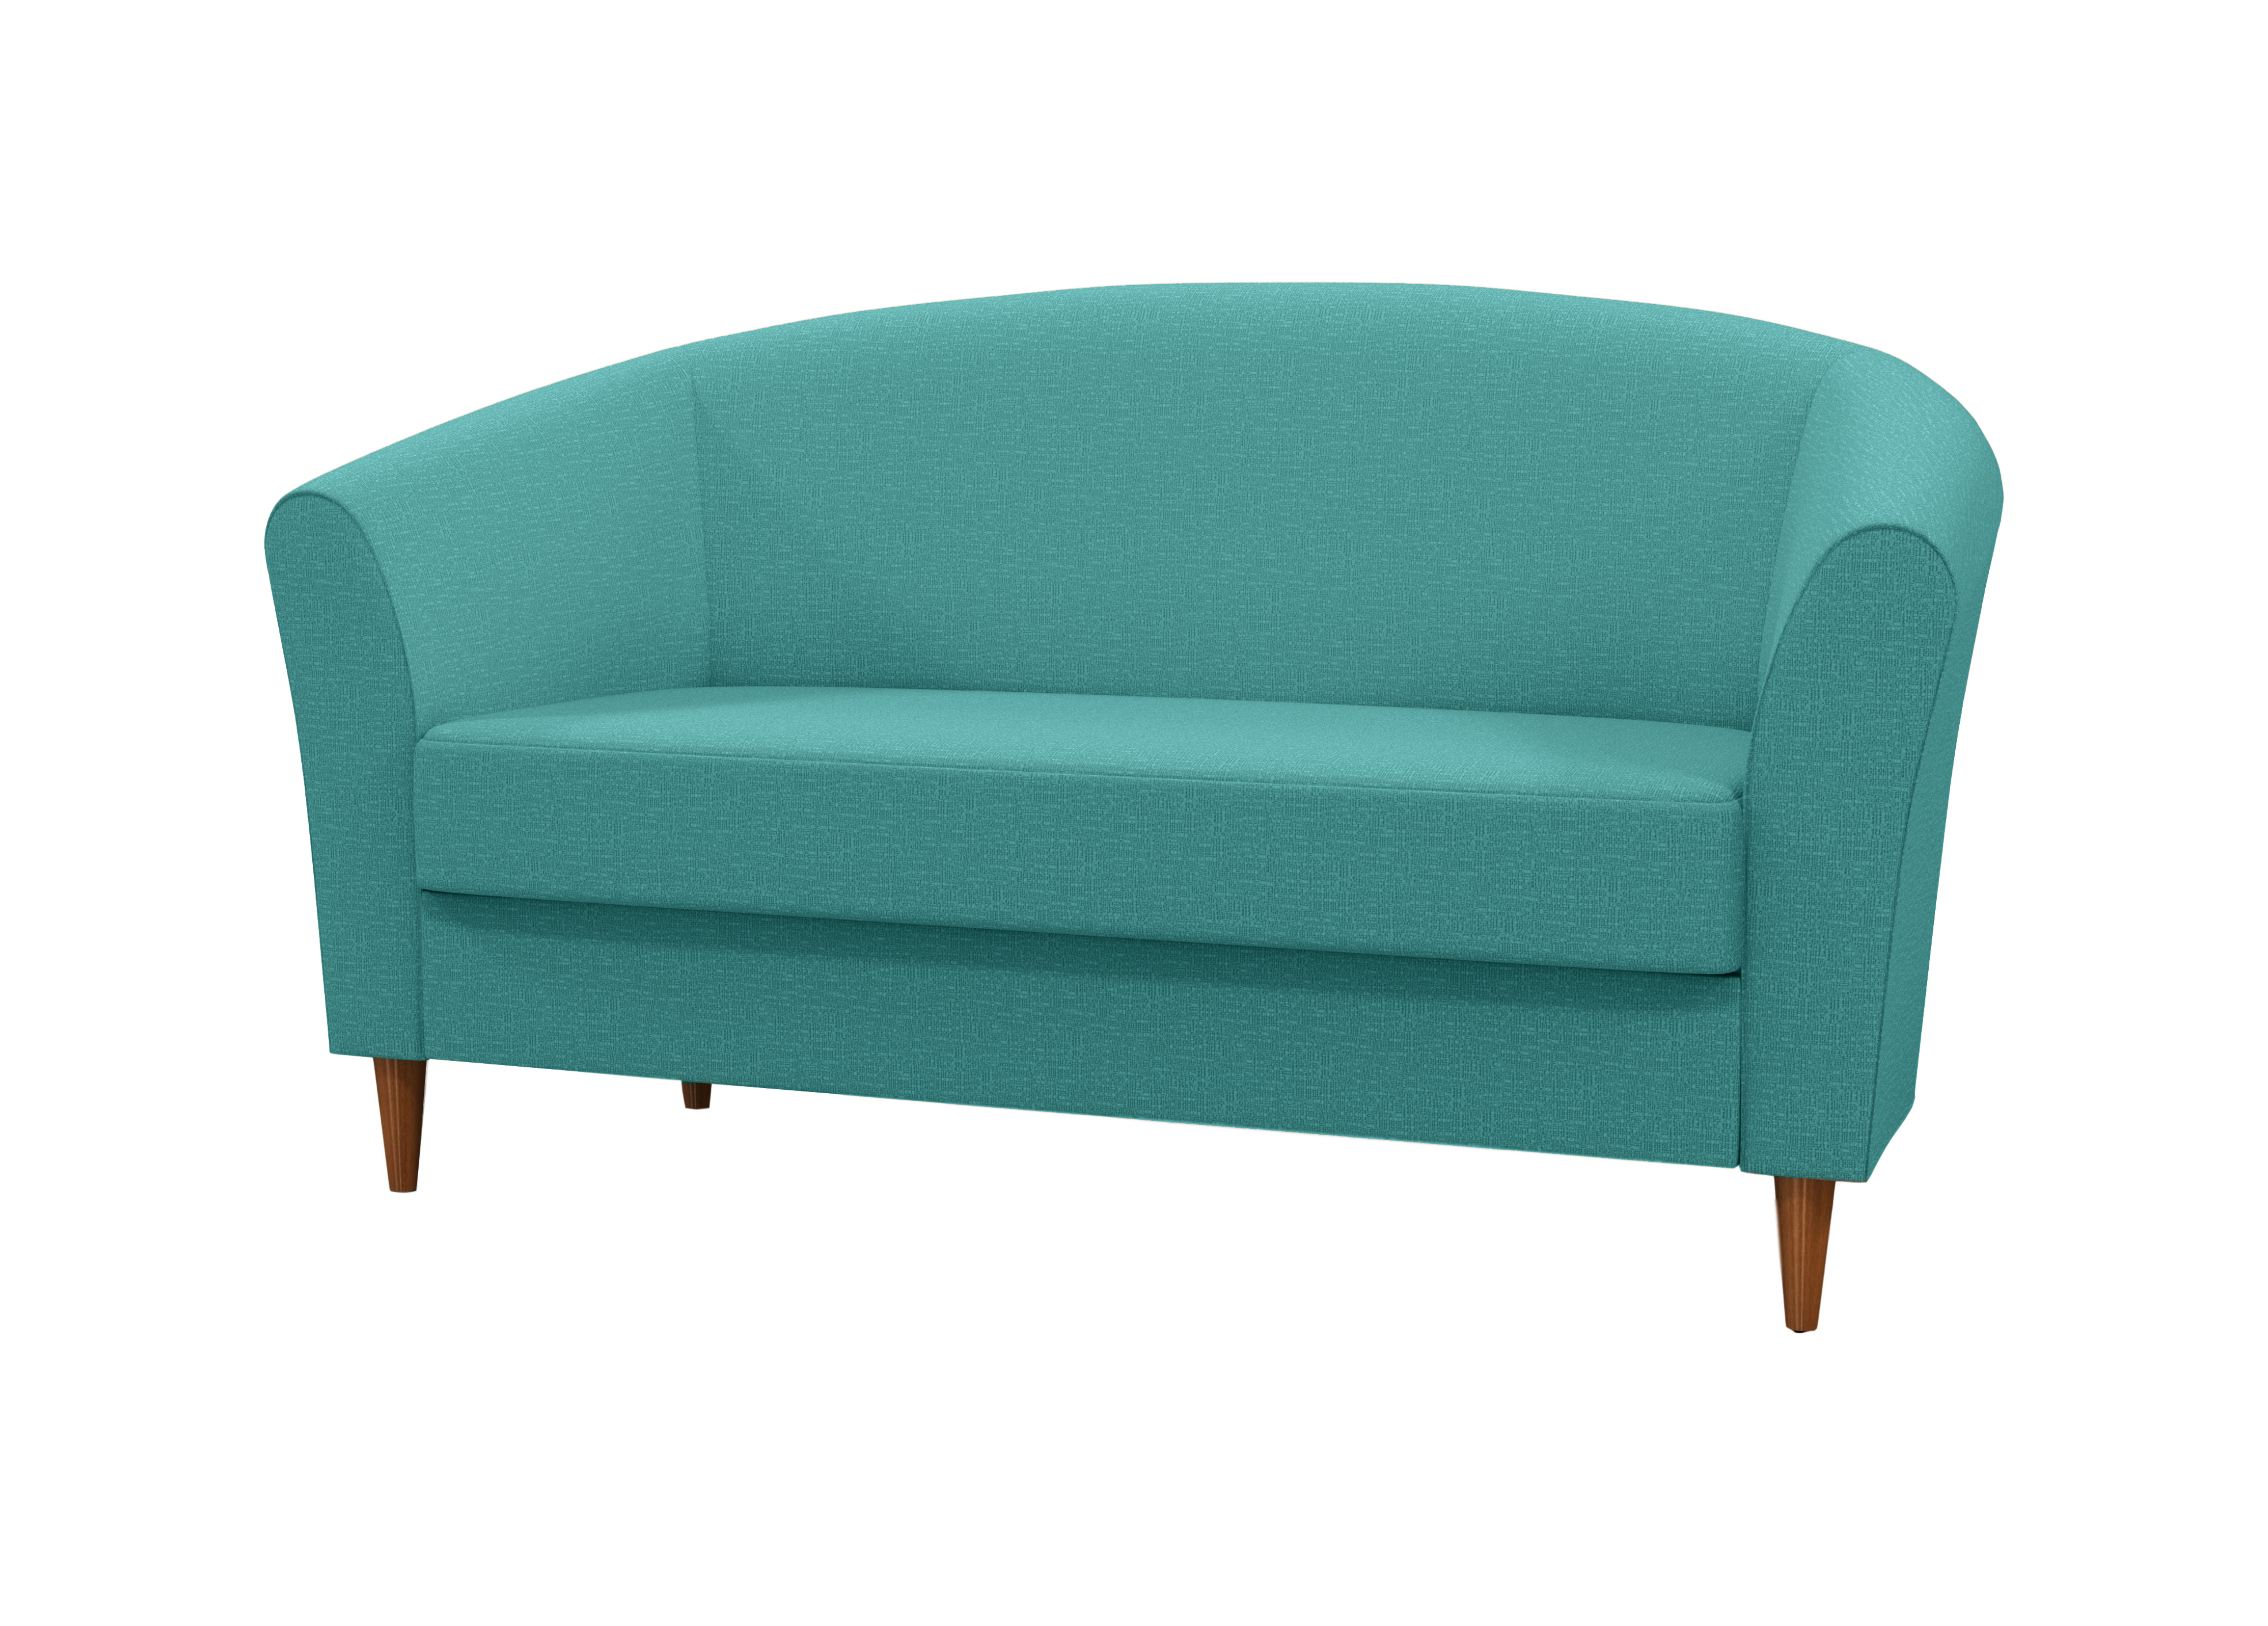 Диван МариДвухместные диваны<br>&amp;lt;div&amp;gt;Лаконичный диван &amp;quot;Мари&amp;quot; впишется в любой интерьер! Стильный и практичный: съемный чехол легко чистить. Диван представлен в двух цветах: уютном сером и нежном розовом, вам остается только решить, какой из них лучше дополнит ваш интерьер.&amp;lt;/div&amp;gt;&amp;lt;div&amp;gt;&amp;lt;br&amp;gt;&amp;lt;/div&amp;gt;&amp;lt;div&amp;gt;Ткань: кожа, наполнитель полиуретан и холлофайбер.&amp;lt;/div&amp;gt;&amp;lt;div&amp;gt;Каркас и ножки: натуральная древесина.&amp;amp;nbsp;&amp;lt;/div&amp;gt;&amp;lt;div&amp;gt;Дополнительно: съемный чехол.&amp;lt;/div&amp;gt;&amp;lt;div&amp;gt;Изделие можно заказать в любой ткани, стоимость и срок изготовления уточняйте у менеджера.&amp;lt;br&amp;gt;&amp;lt;/div&amp;gt;<br><br>Material: Текстиль<br>Width см: 141<br>Depth см: 71<br>Height см: 81